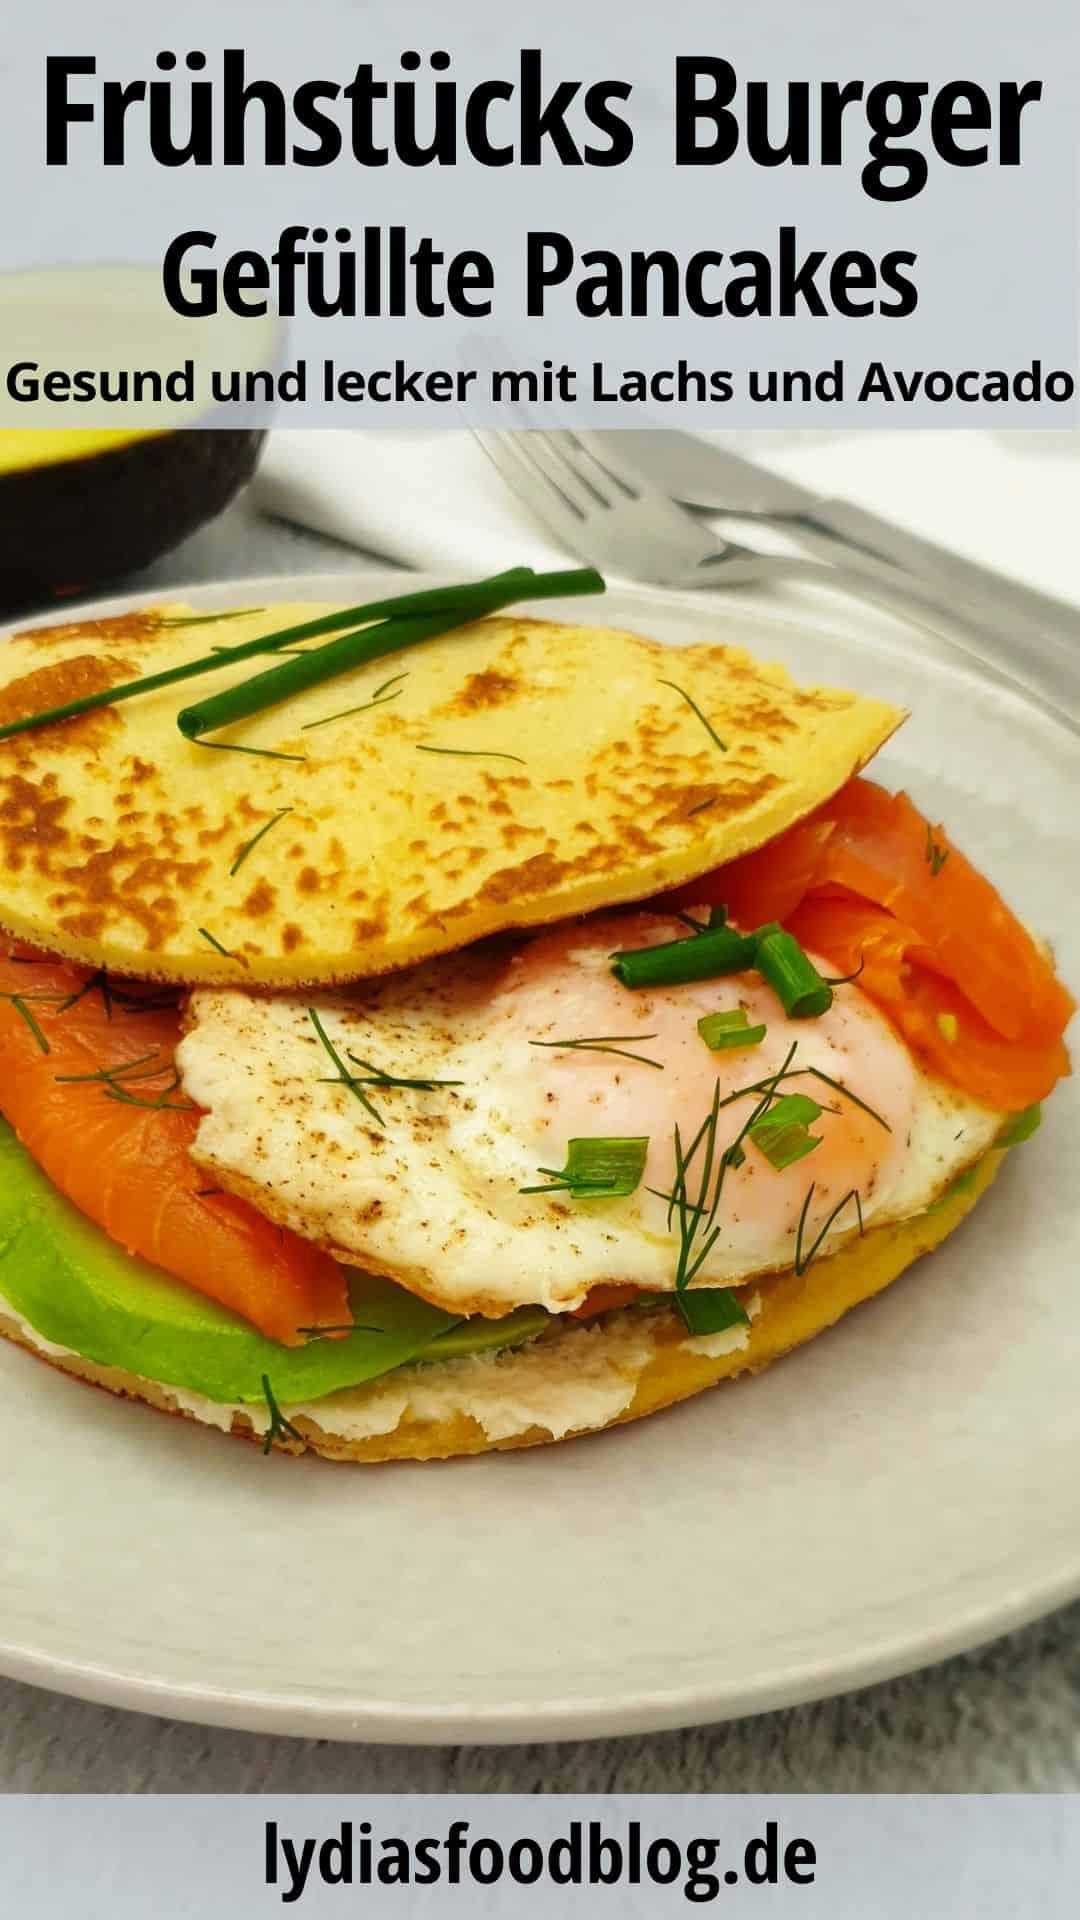 Pancake Burger mit Lachs und Avocado auf einem grauen Teller serviert.